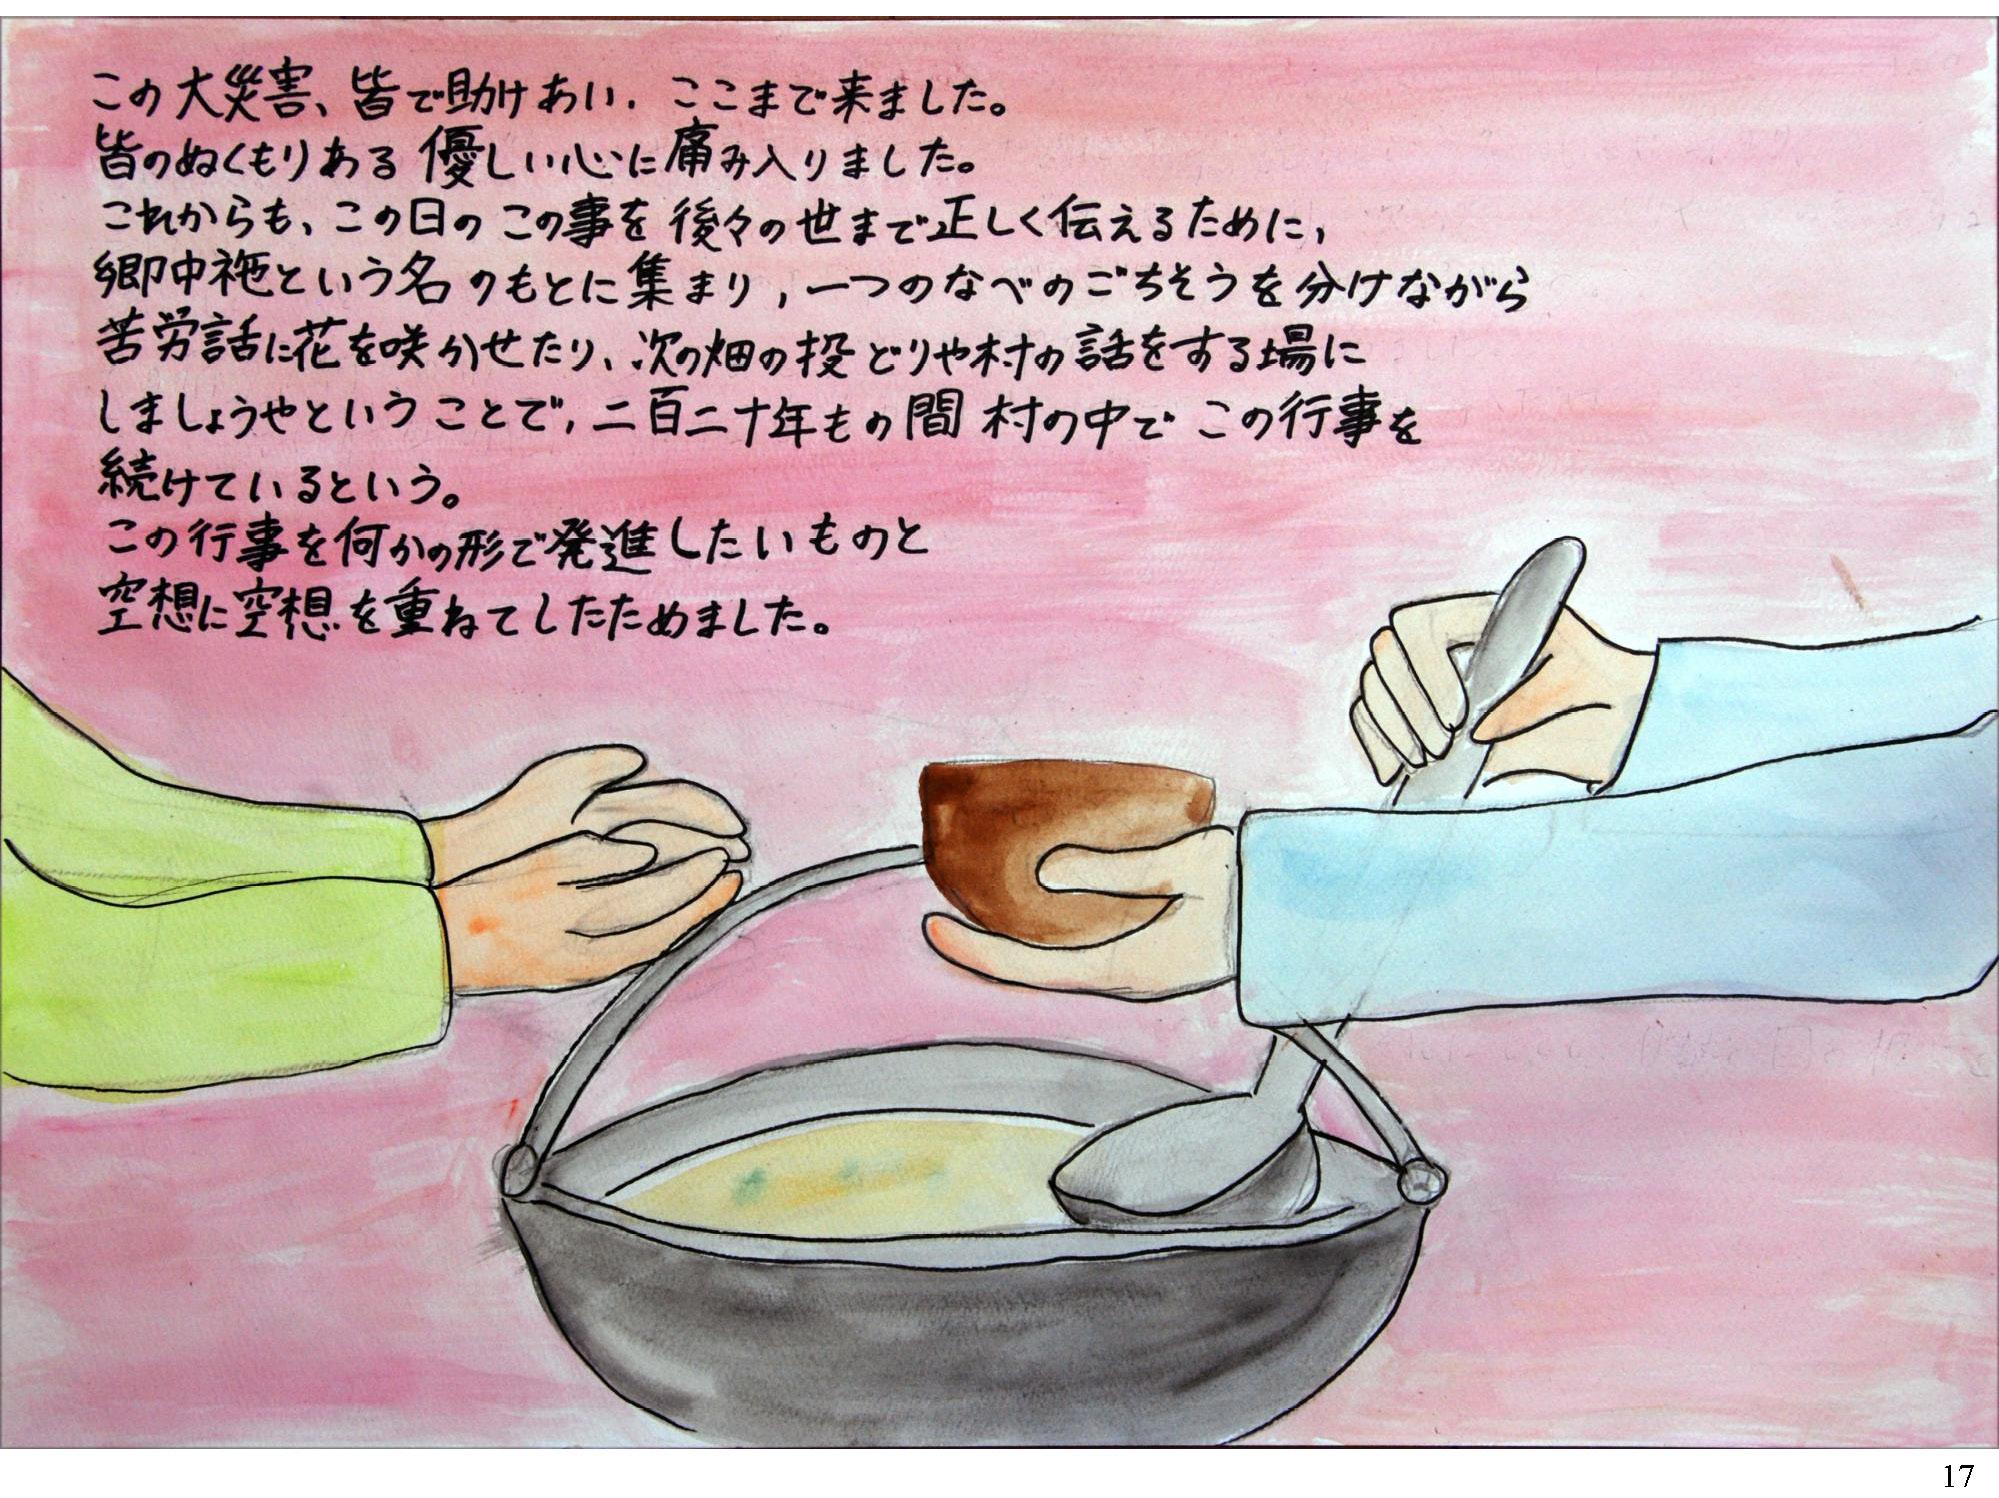 kamisibai-03_ページ_17